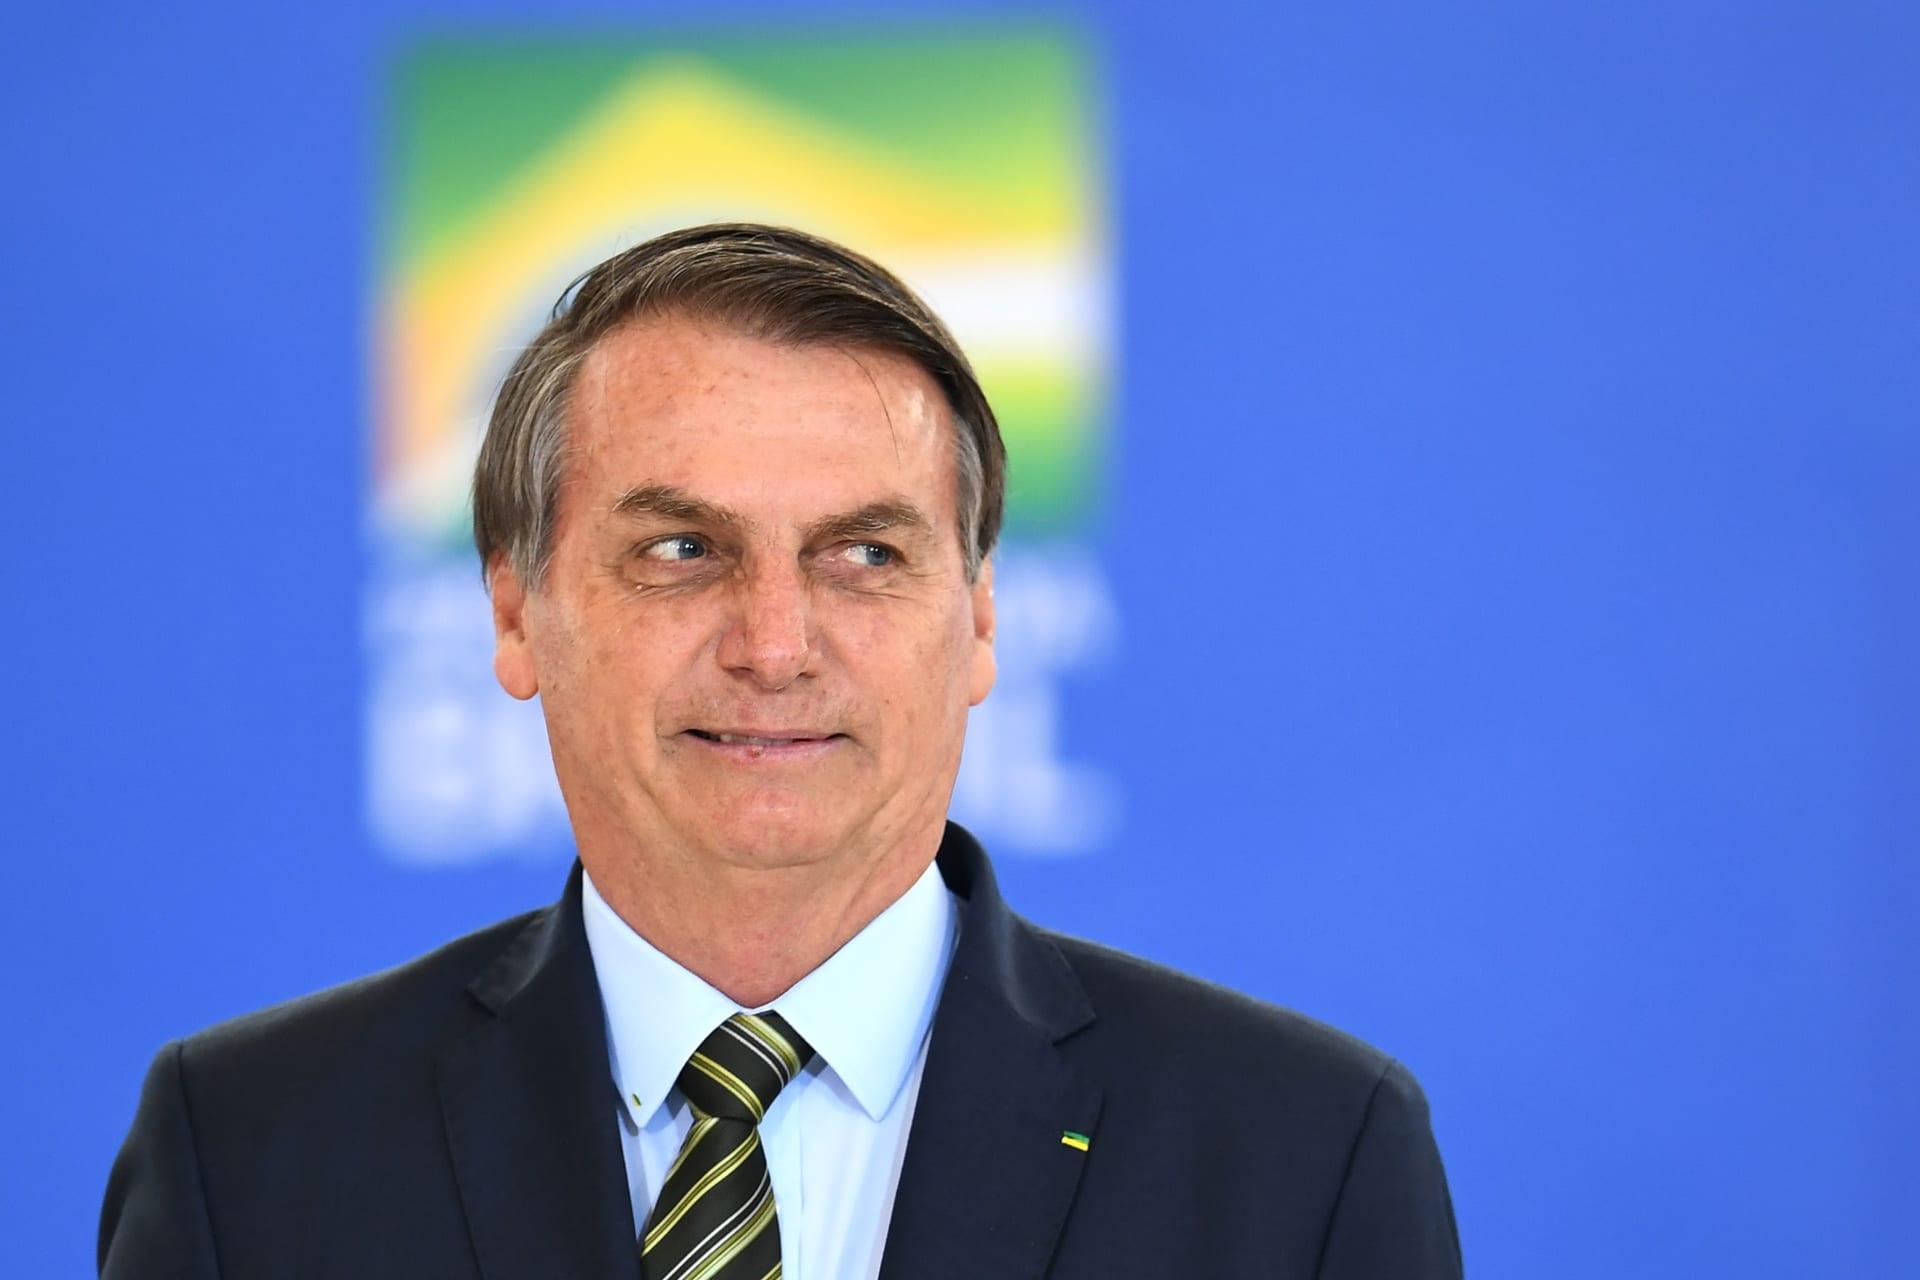 صورة للرئيس البرازيلي تعود إلى 8 ديسمبر/كانون أول من عام 2019